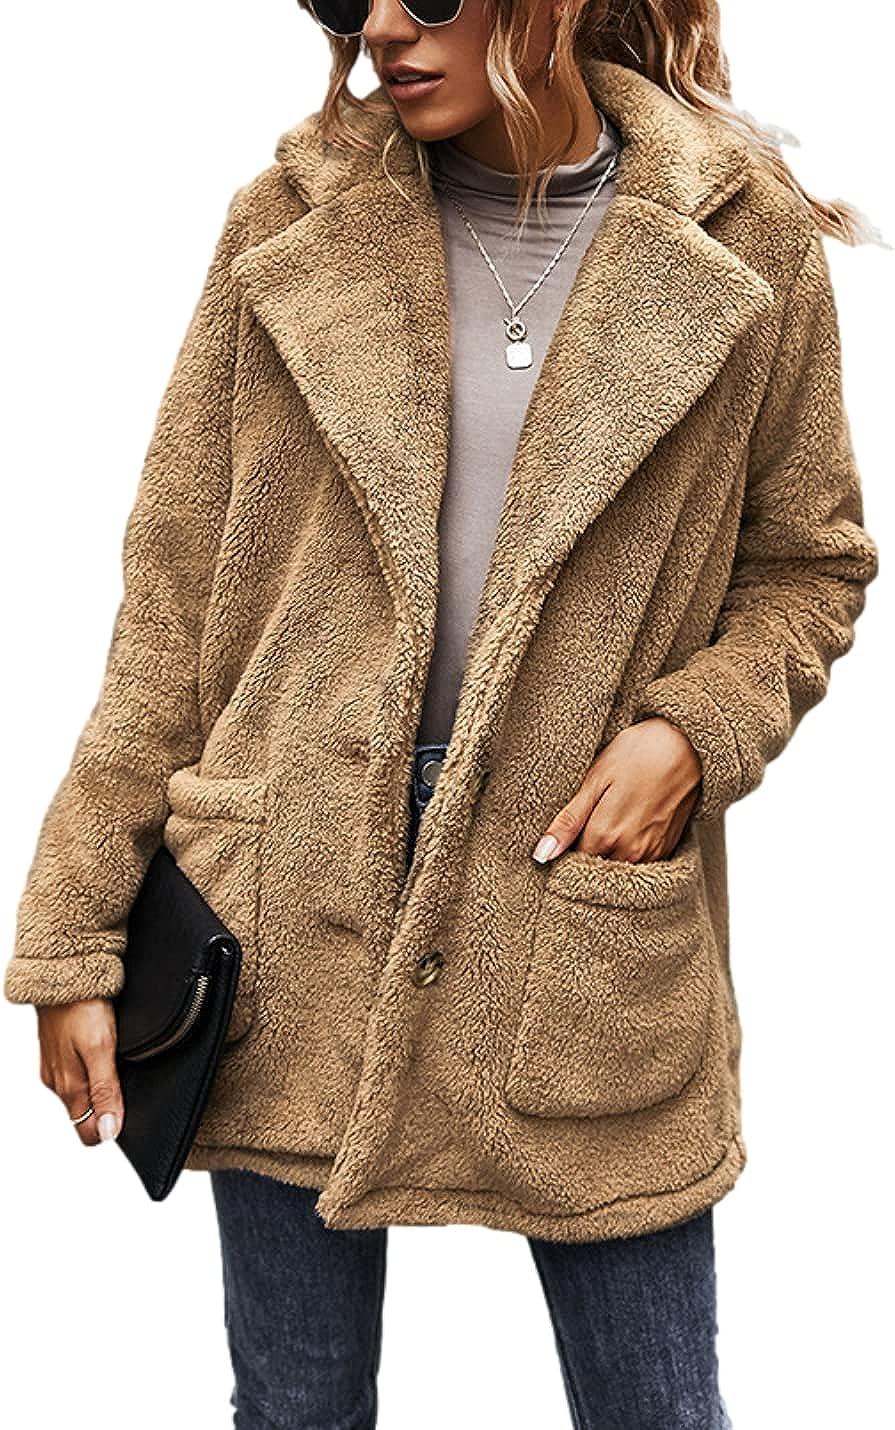 Bnigung Women's Fuzzy Fleece Lapel Open Front Button Down Cardigan Coat Faux Fur Warm Winter Outwear Jackets